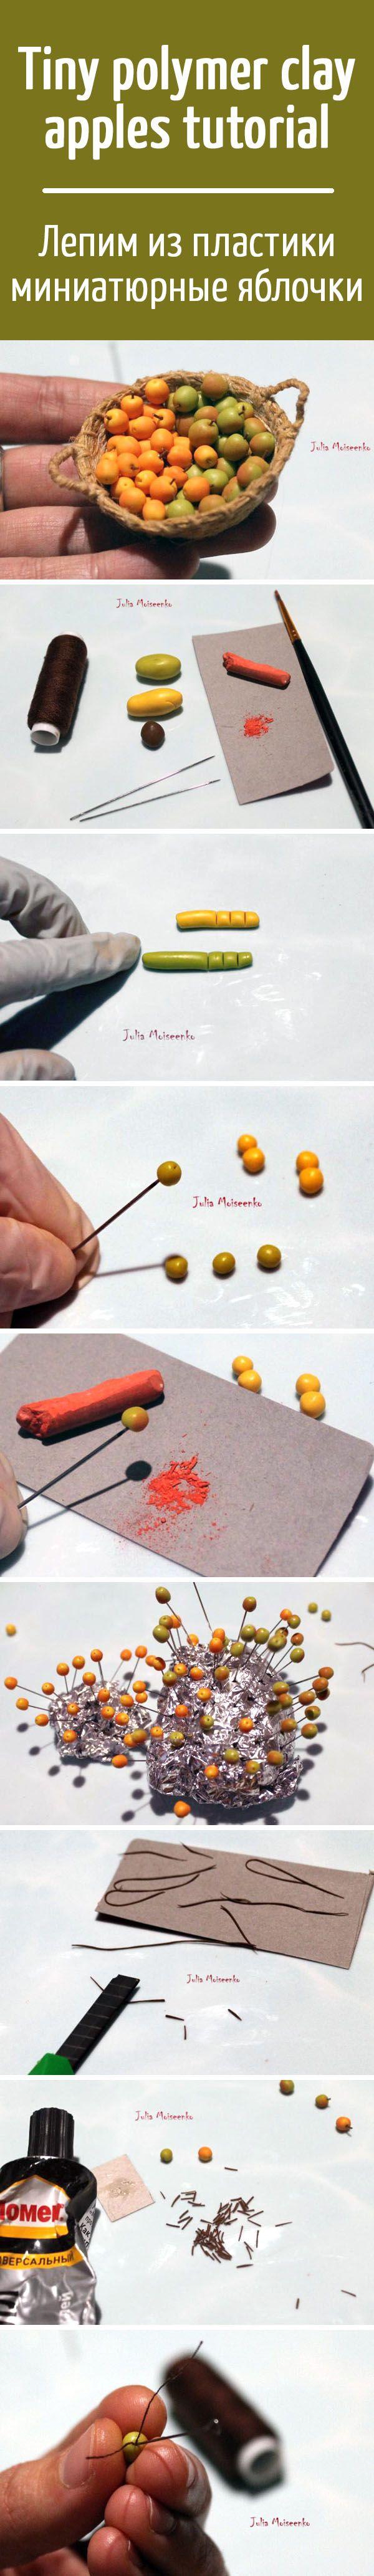 Лепим из полимерной глины миниатюрные яблочки / Tiny apples of polymer clay tutorial